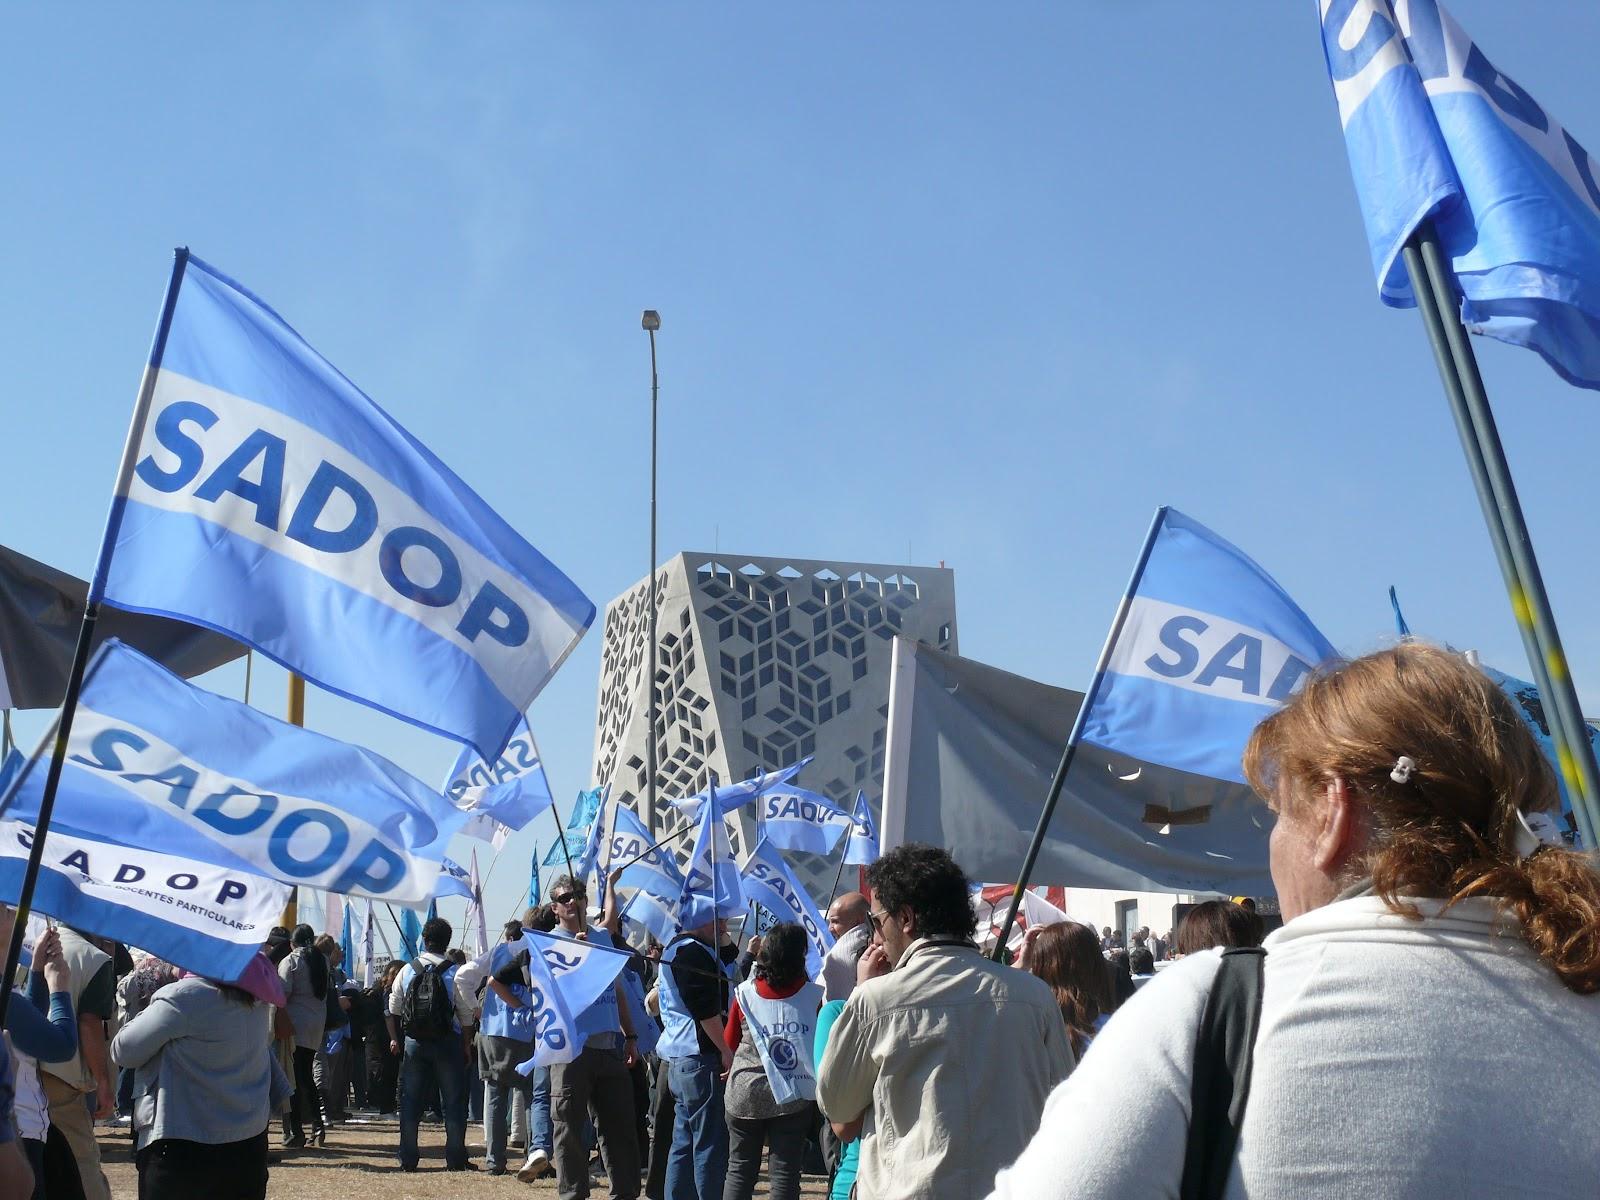 El sindicato de docentes privados se suma, junto a la Corriente Federal, a la movilización del 18 de octubre